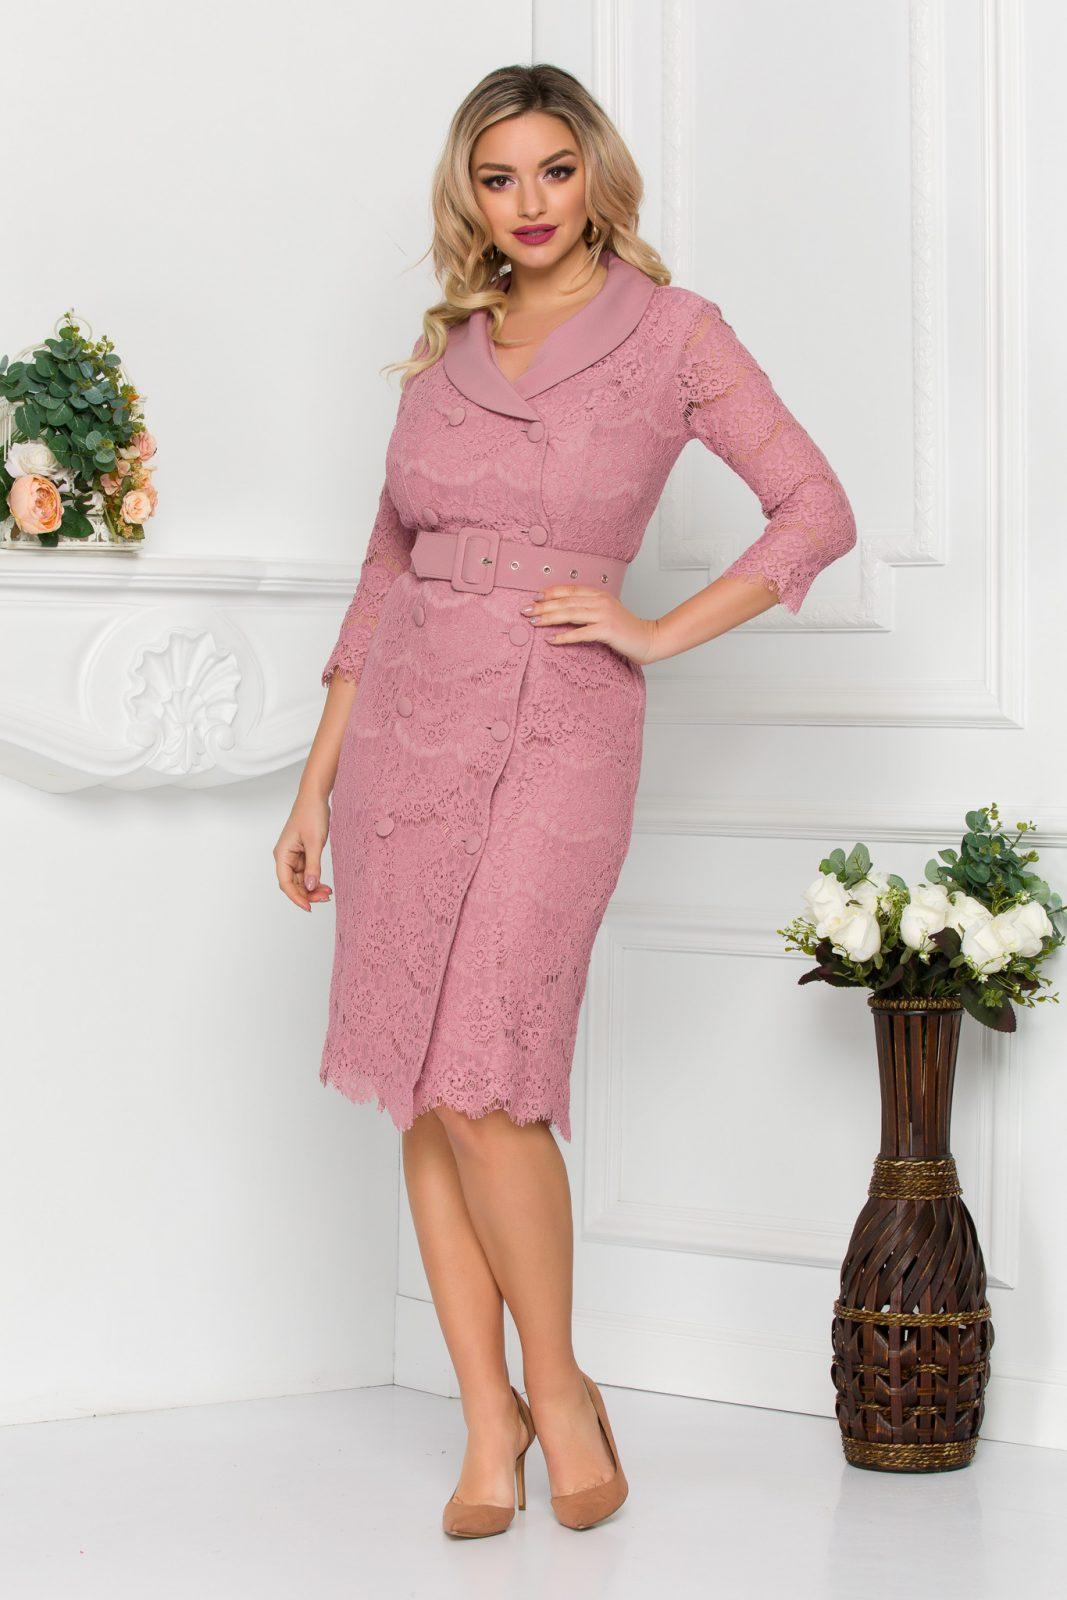 Ροζ Φόρεμα Από Δαντέλα Ida 8813 2